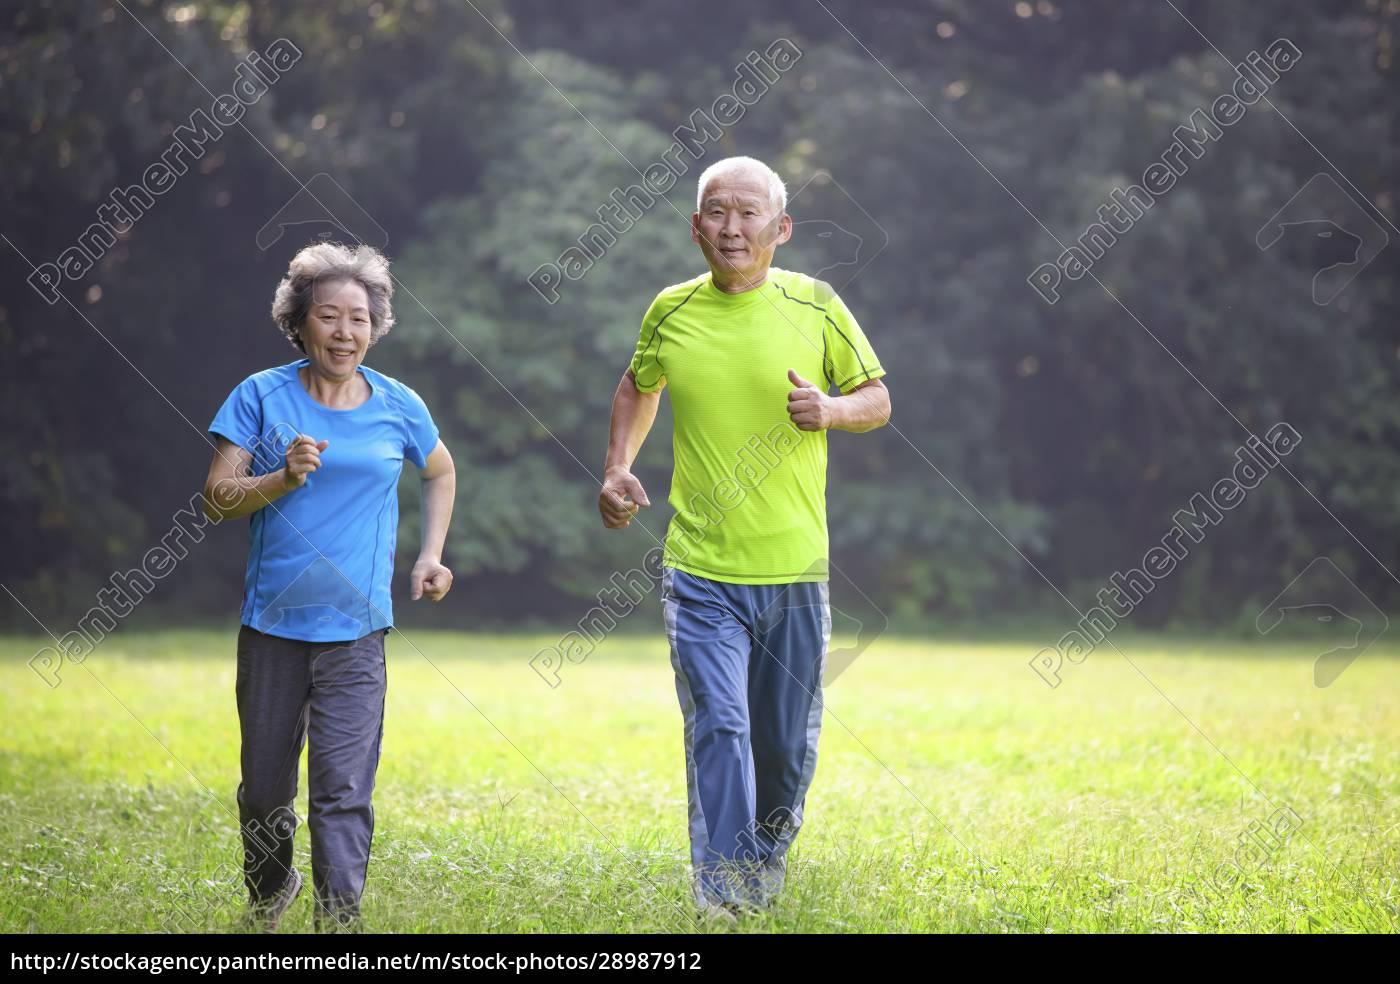 azjatycka, para, seniorów, biegająca, w, parku - 28987912